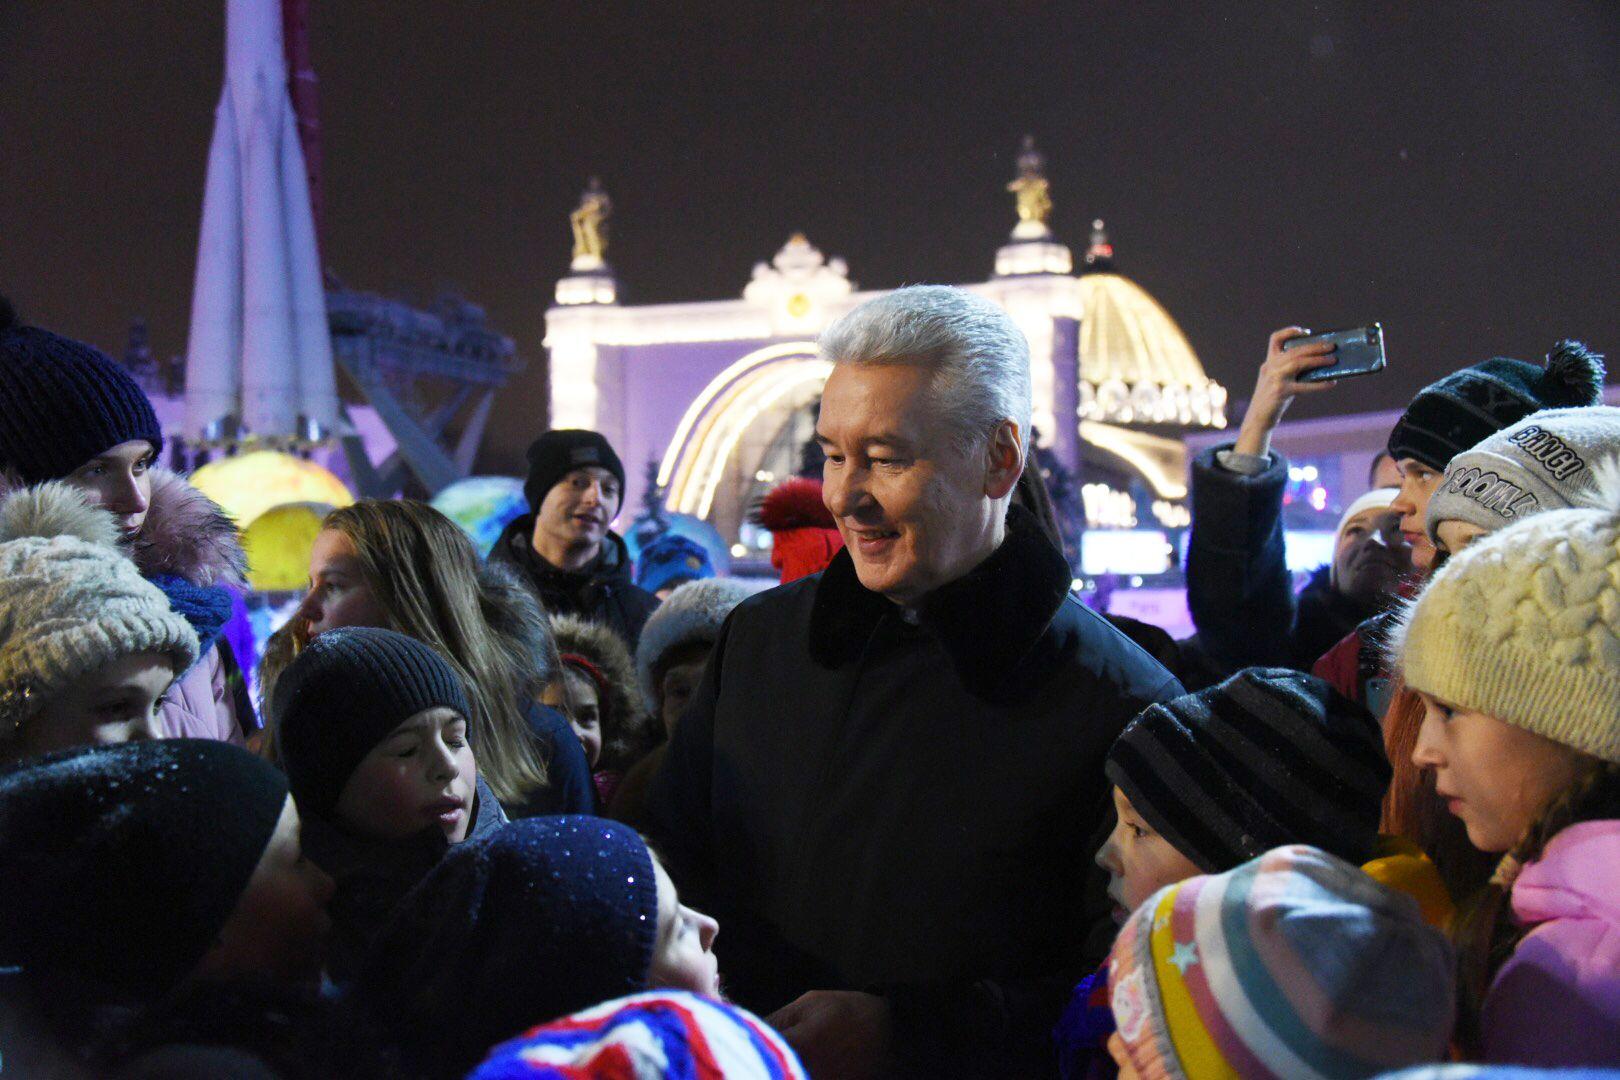 Сергей Собянин предложил москвичам отпраздновать Старый Новый год